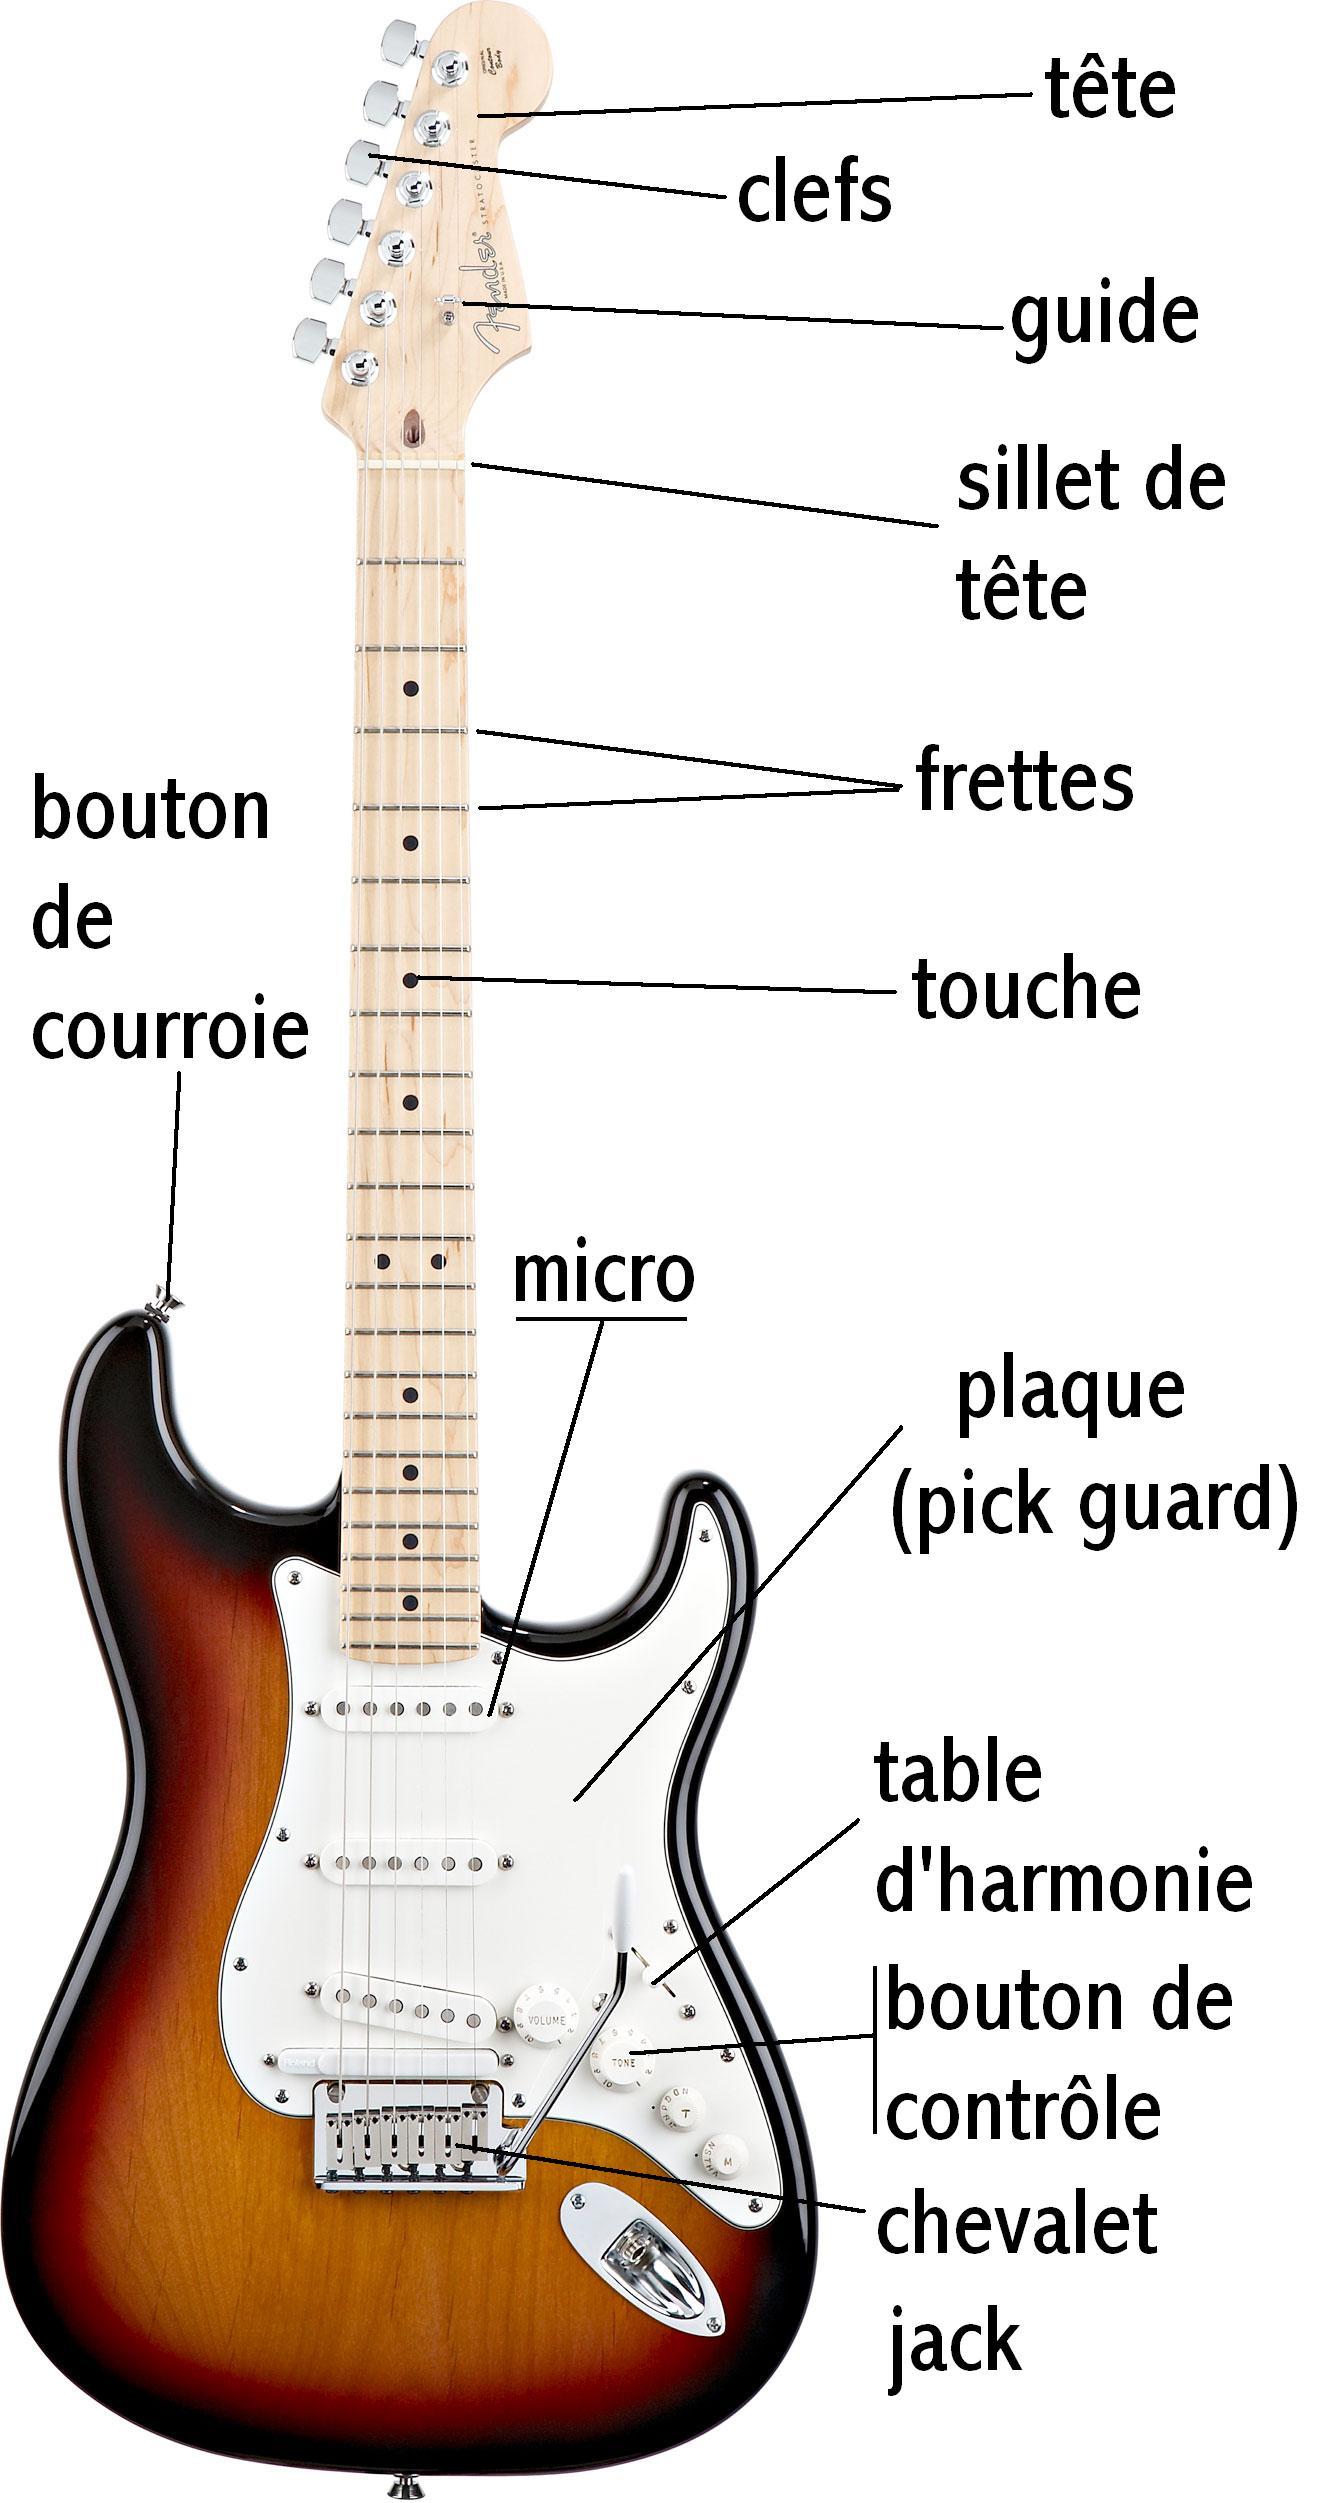 Au cours de guitare tout est permis french